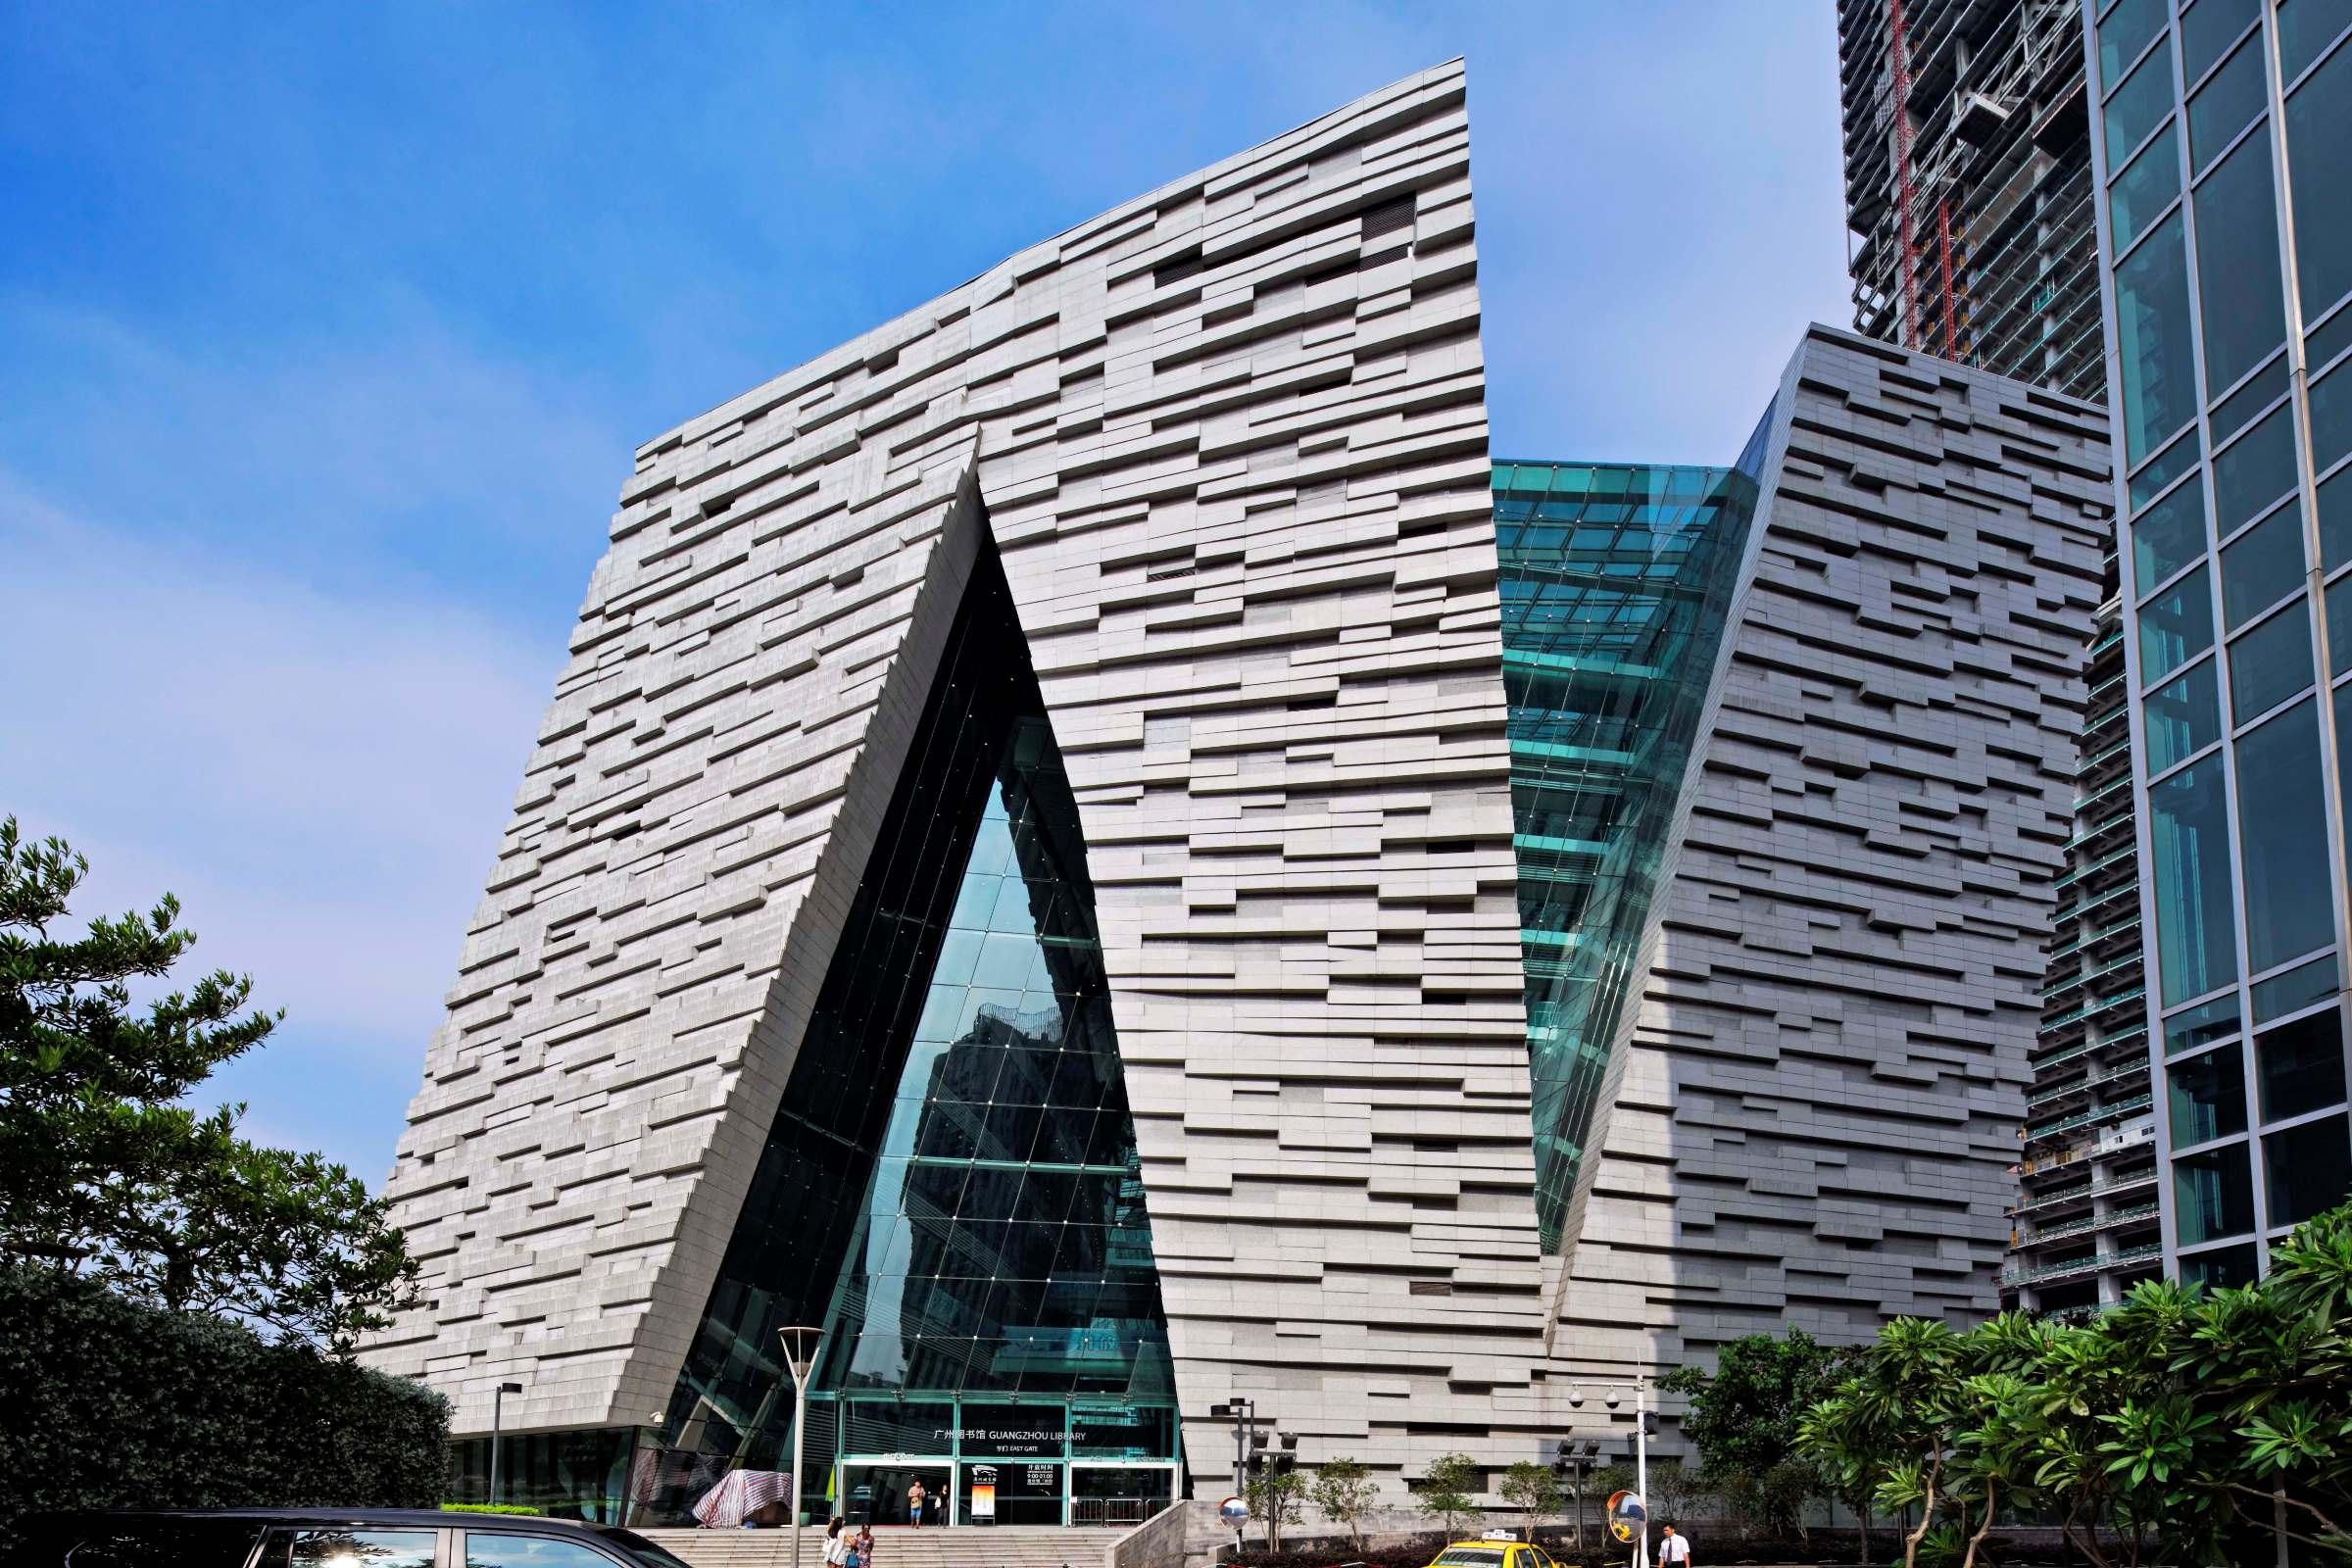 广州市文化局网站_广州图书馆 | 文化・体育 | Projects | NIKKEN SEKKEI LTD